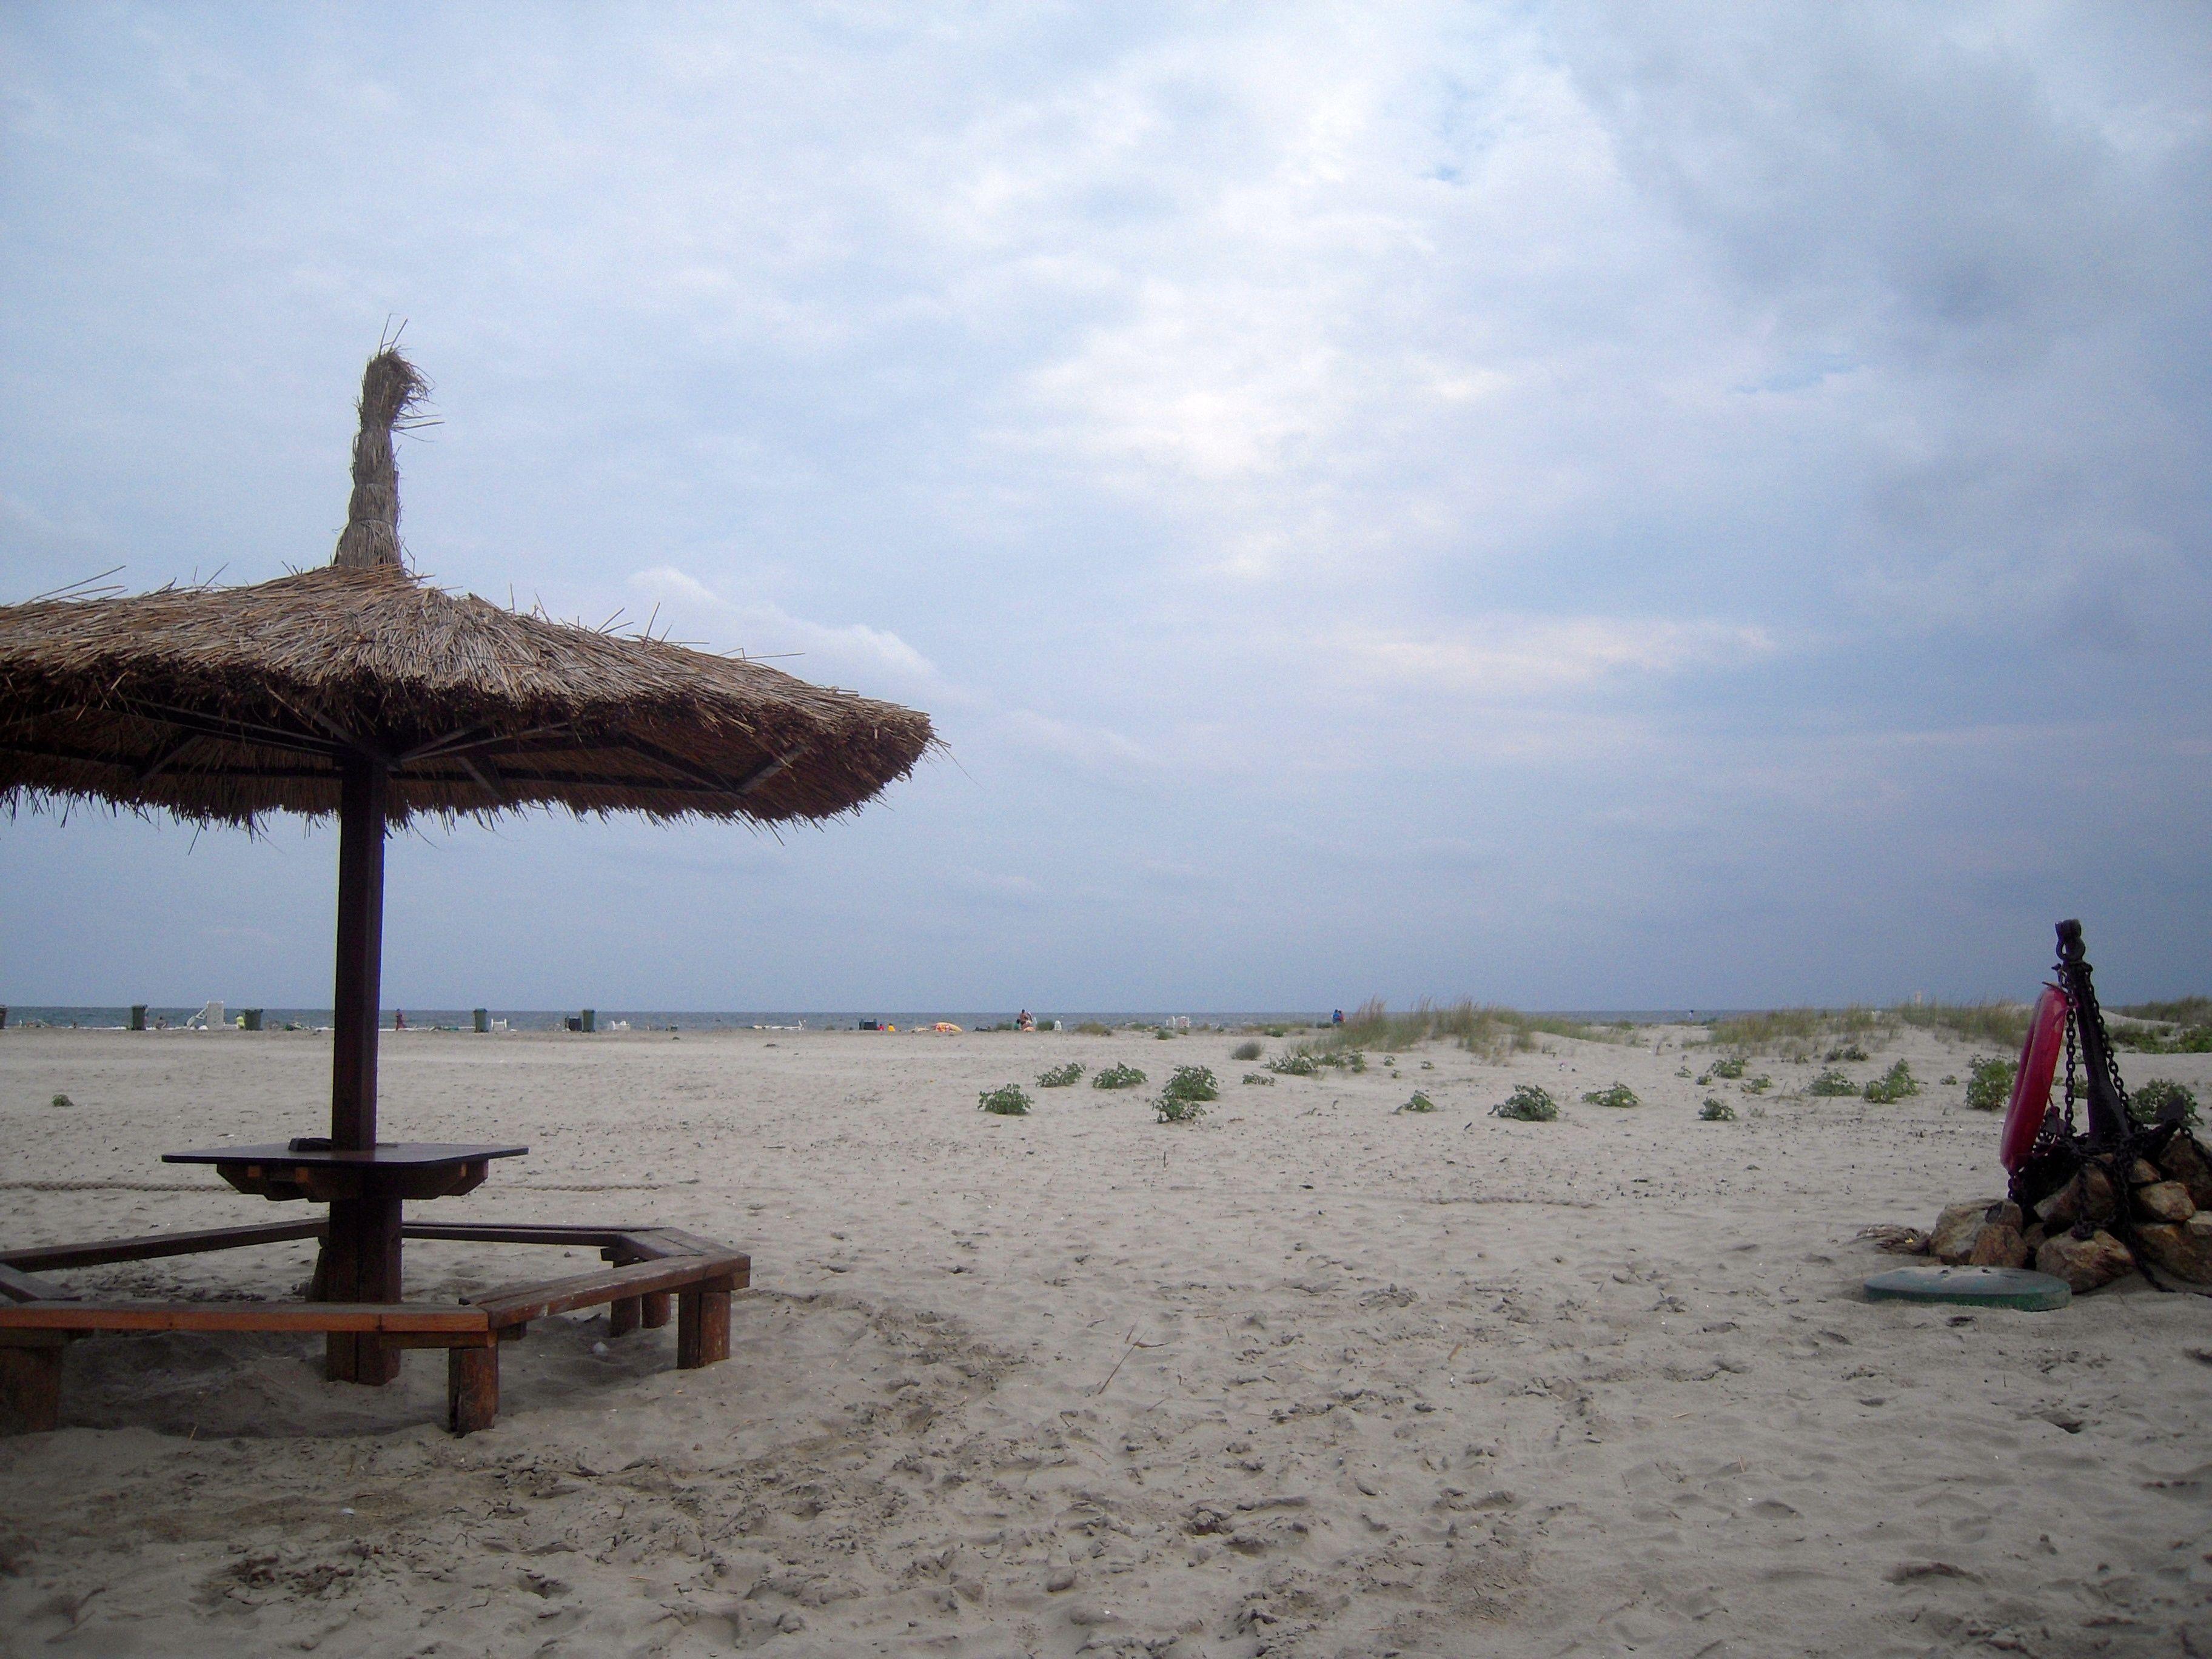 desert beach sulina danube delta romania